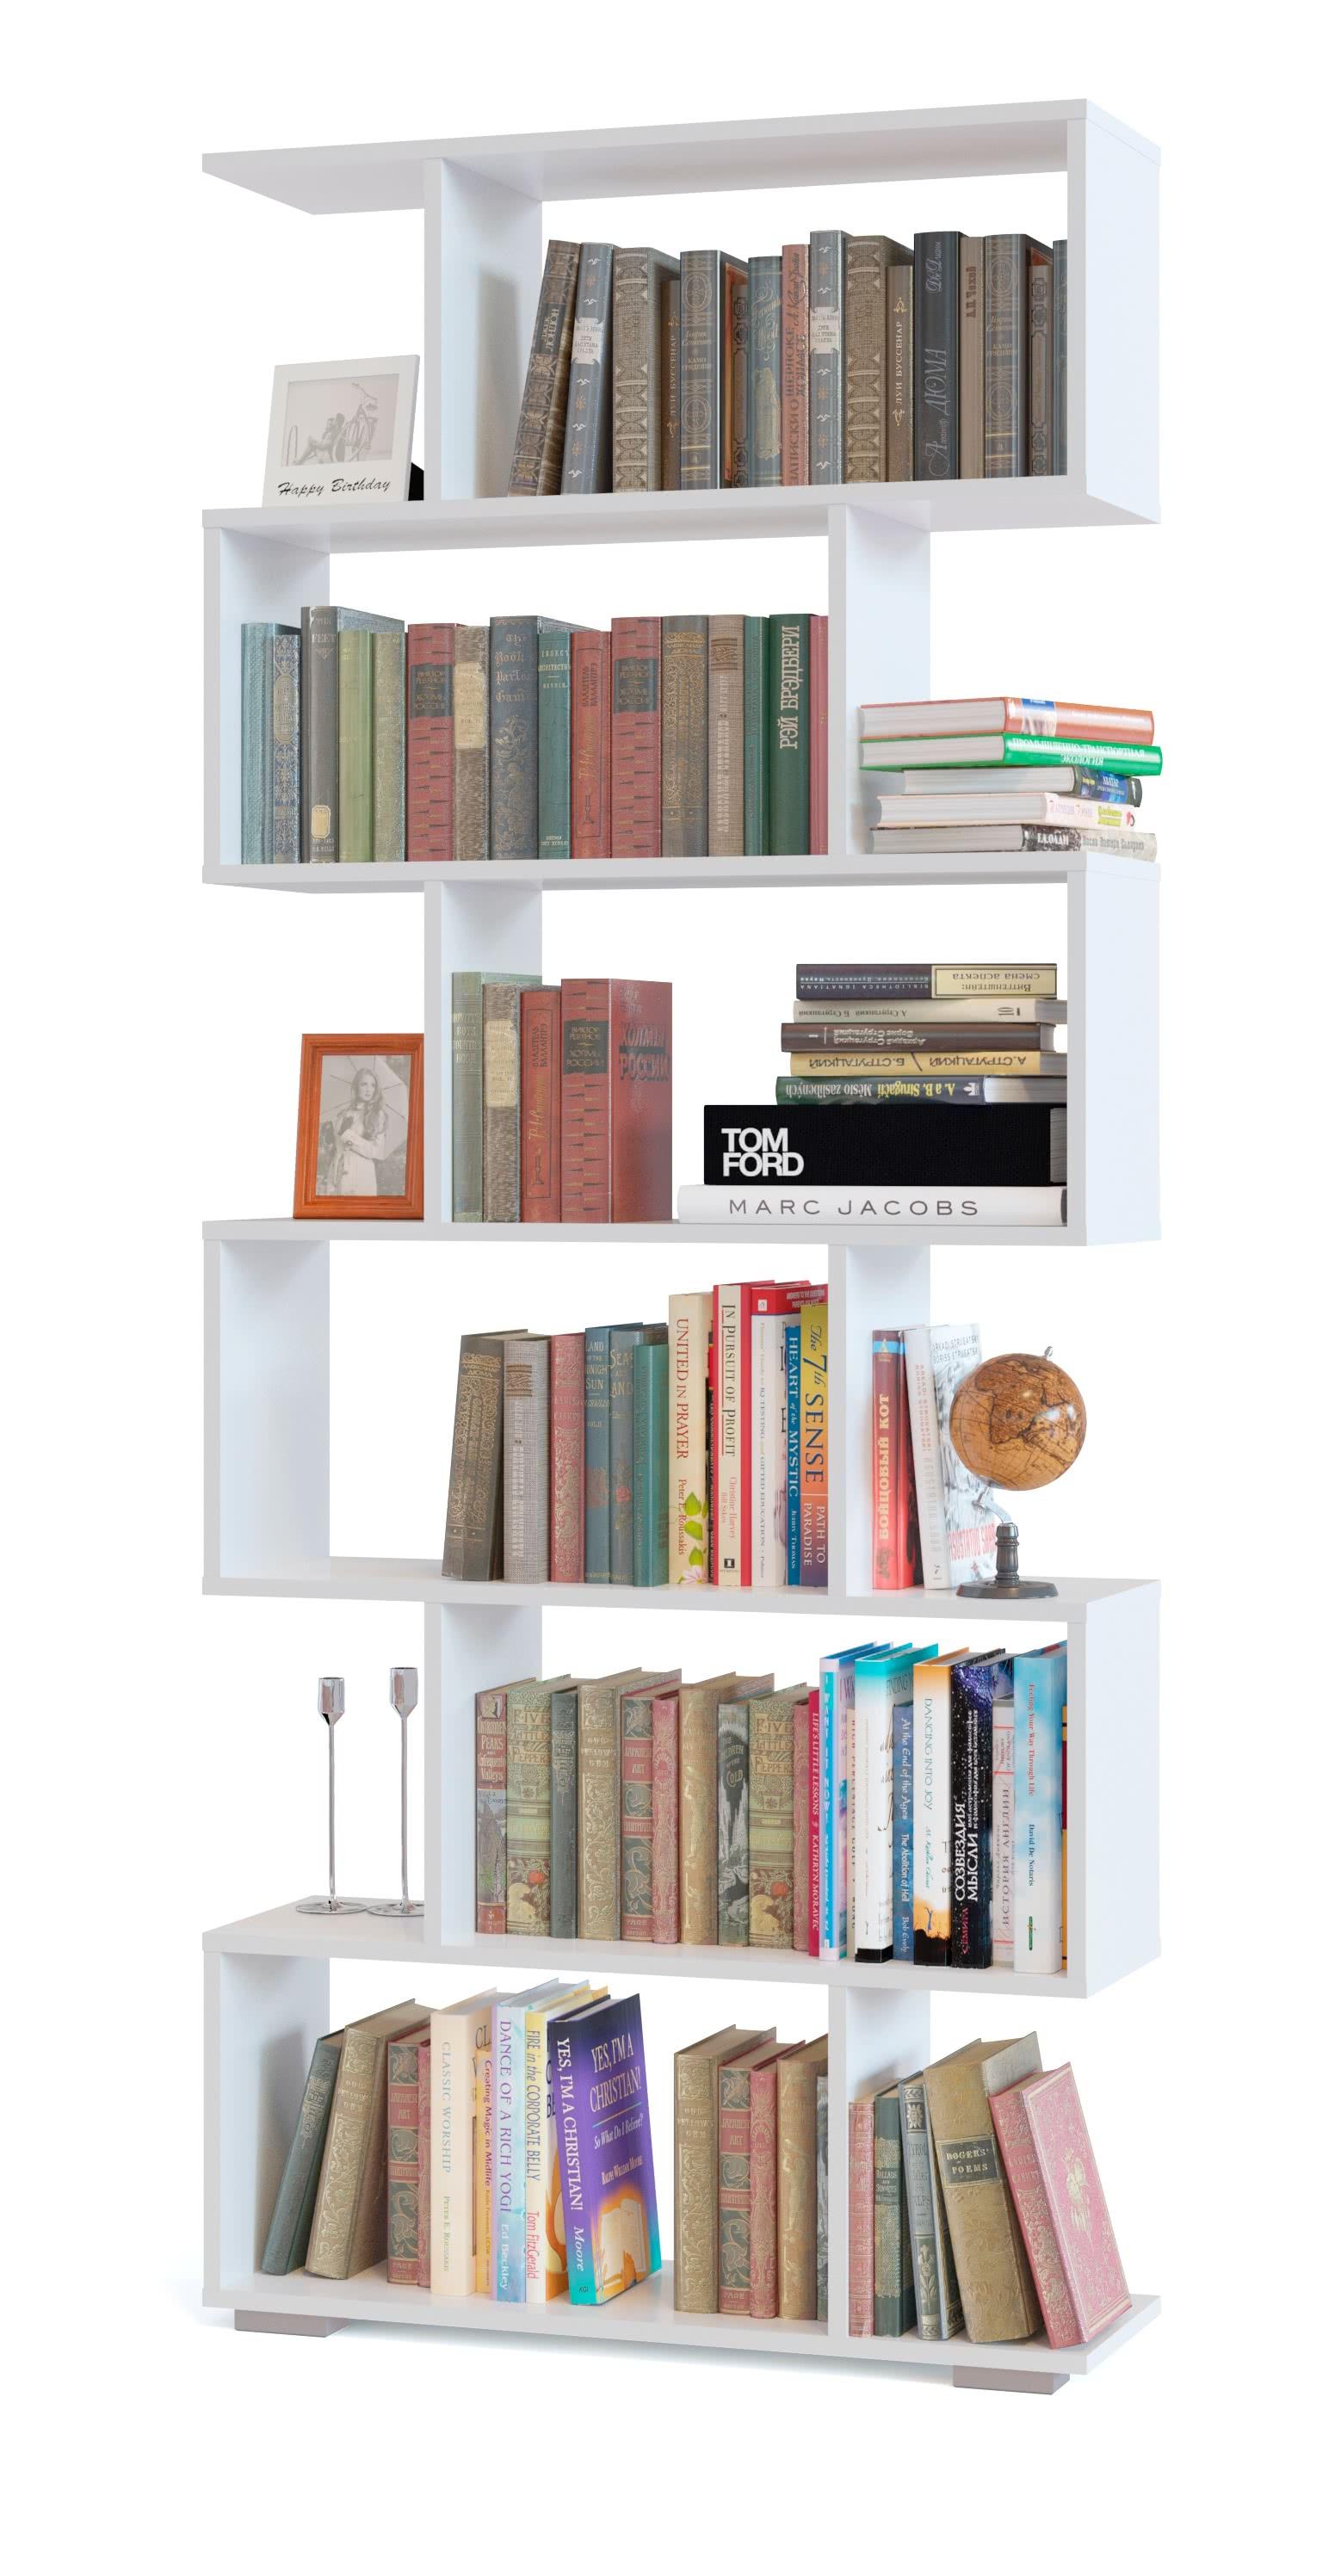 Стеллажи для книг, купить стеллаж под книги и книжные полки.